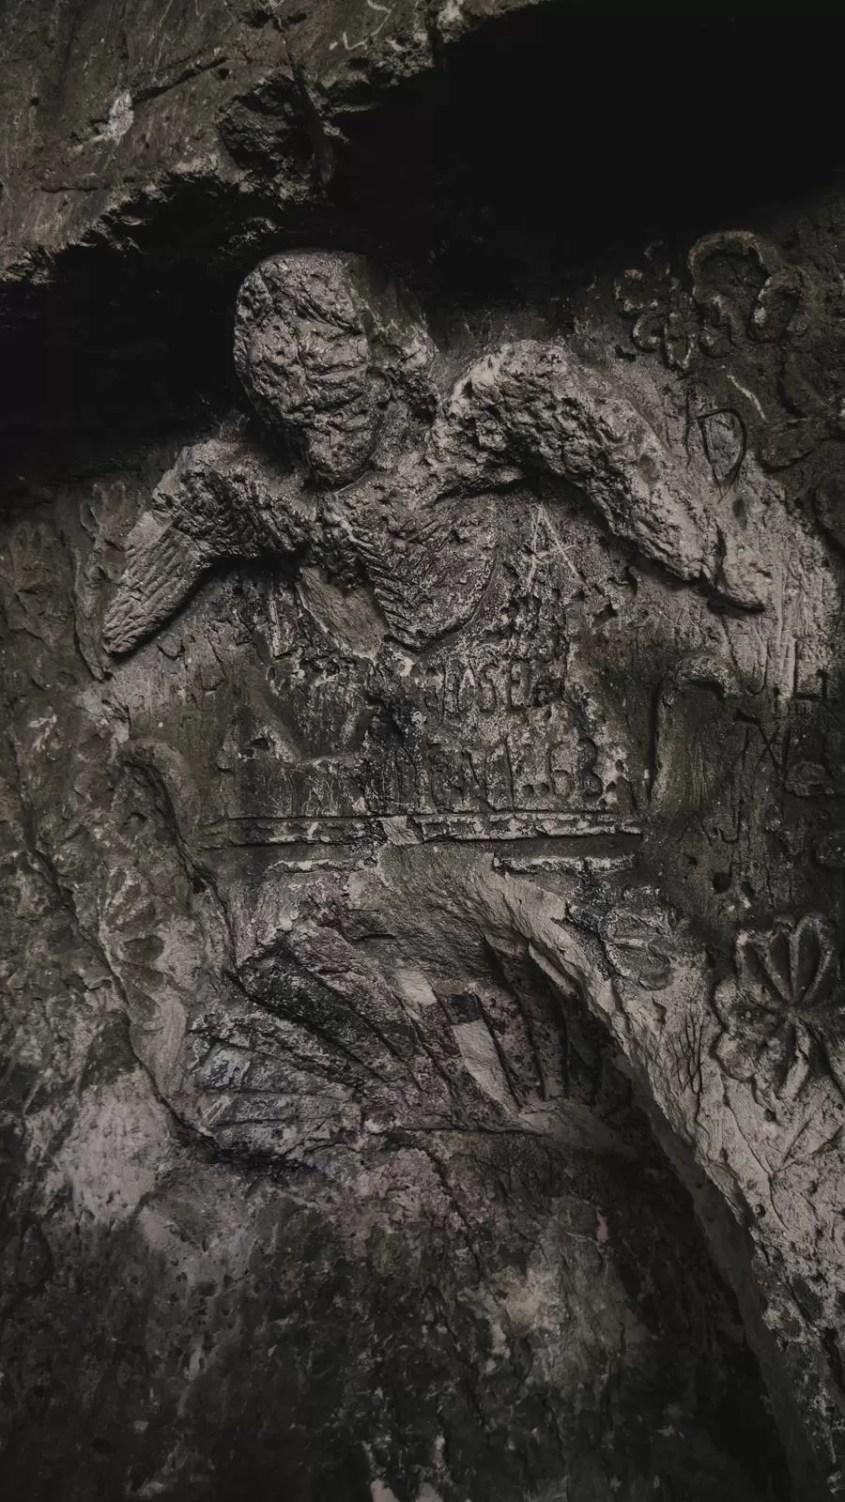 cuevas de portals vells